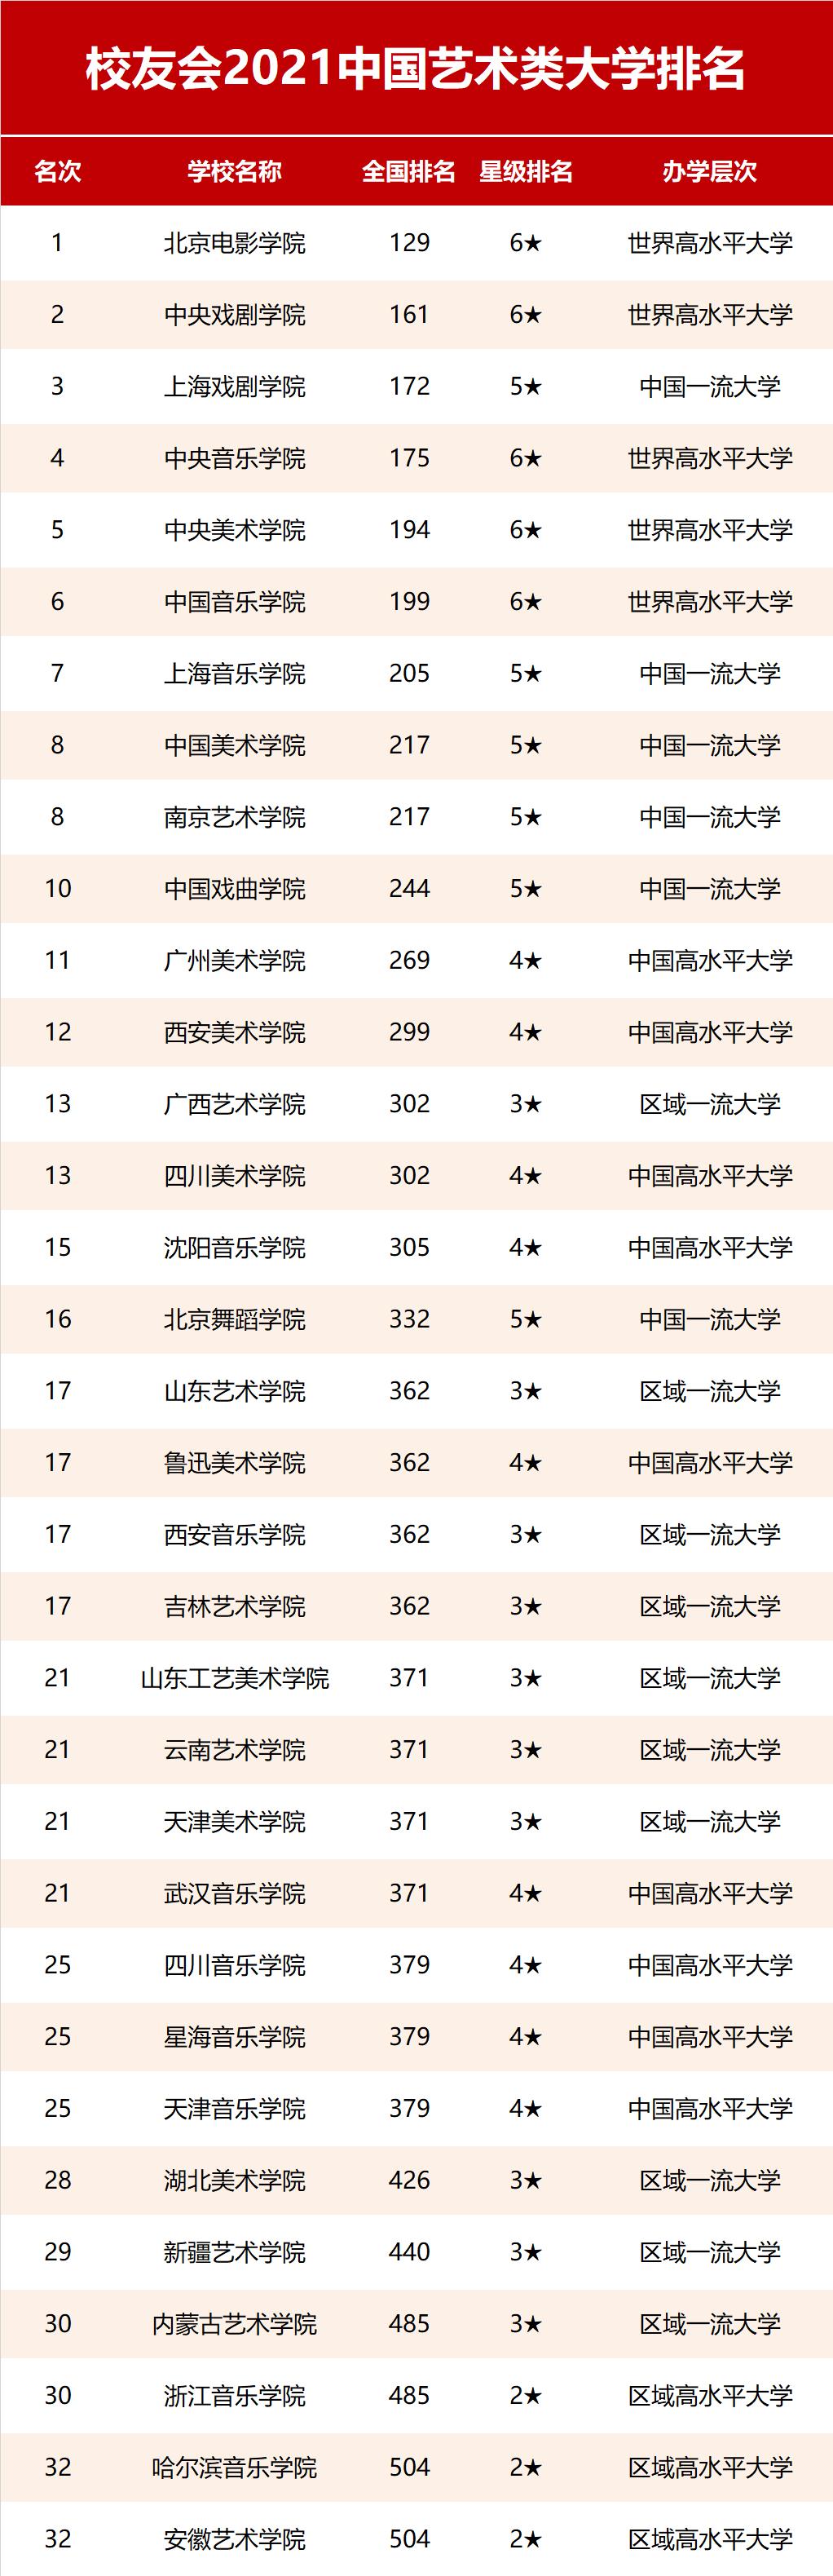 2021中国艺术类大学排名发布!央美从去年第1降至第5?换个角度看是好事!2